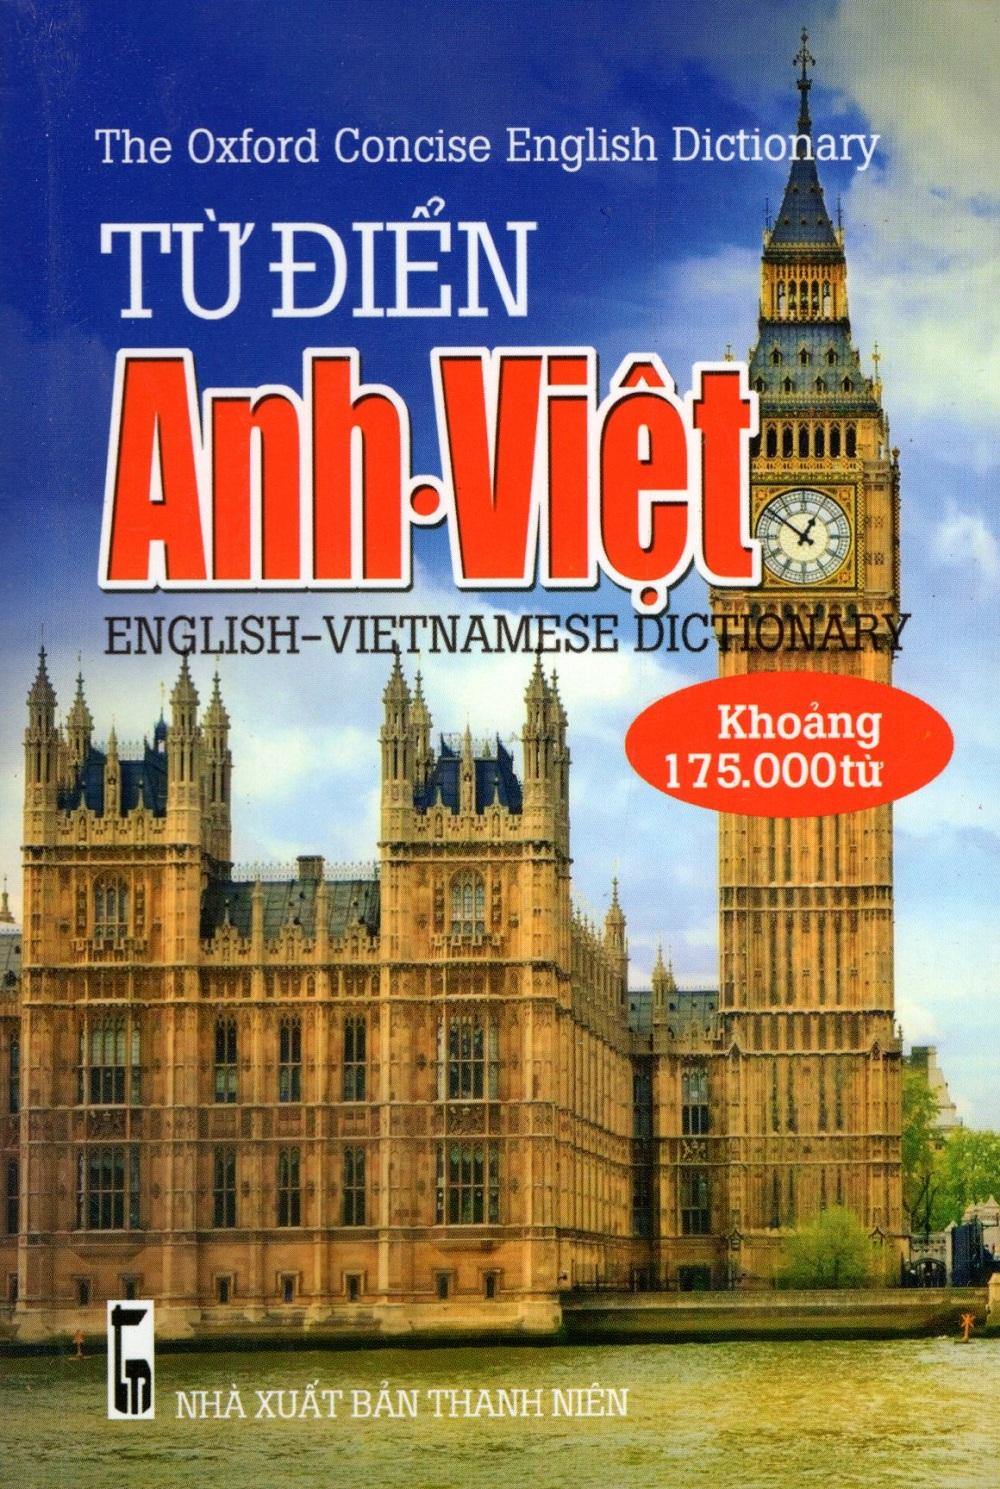 Từ Điển Anh - Việt (Khoảng 175.000 Từ - 2016) - Sách Bỏ Túi